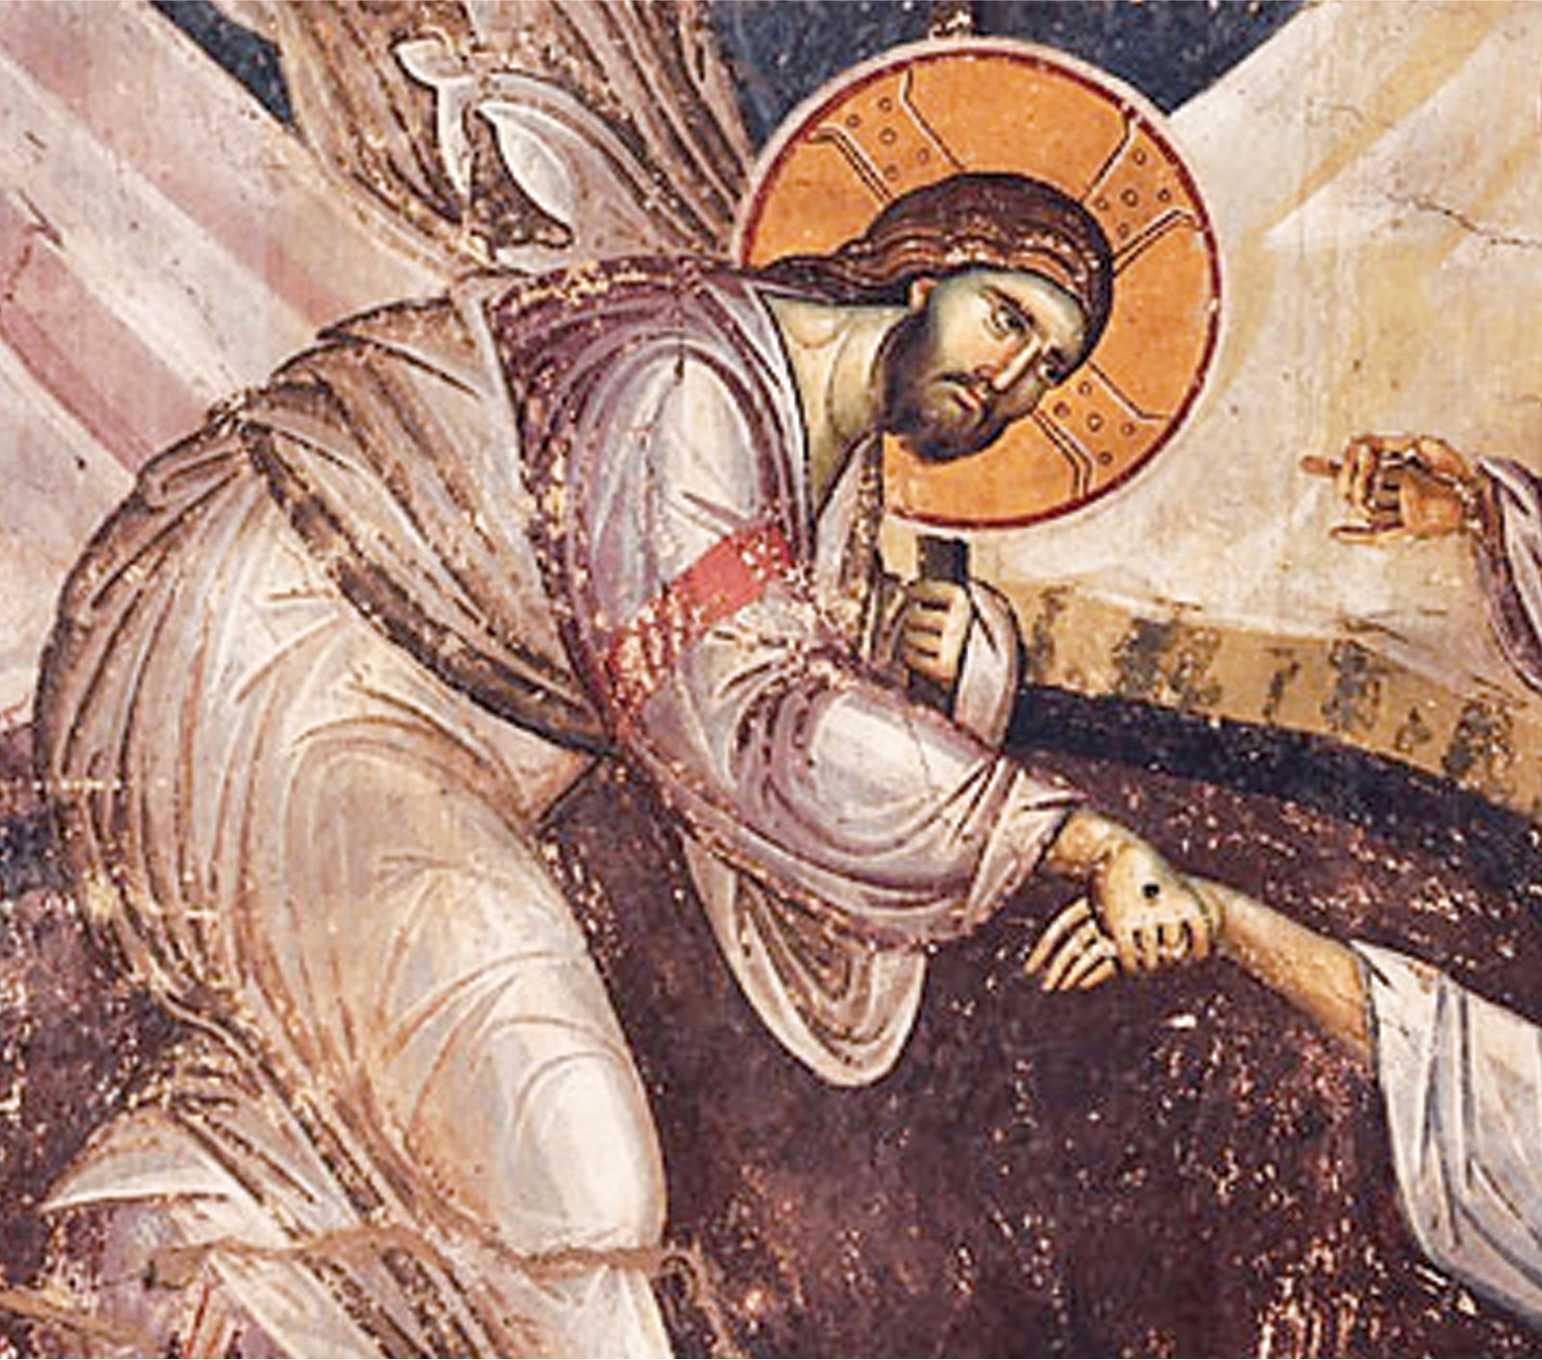 INVIEREA LUI HRISTOS CA POGORARE IN MIJLOCUL IADULUI DIN LUMEA NOASTRA&#8230; Pastorala IPS Teofan: <i>&#8220;Există multă moarte în noi şi în lume, dar există şi oameni ai învierii care nu şi-au plecat genunchii în faţa mulţimii de idoli aşezaţi peste tot&#8221;</i>. CINE AUDE STRIGATUL INABUSIT AL CELOR DISPERATI, AI TINERILOR FARA SENS? (video)